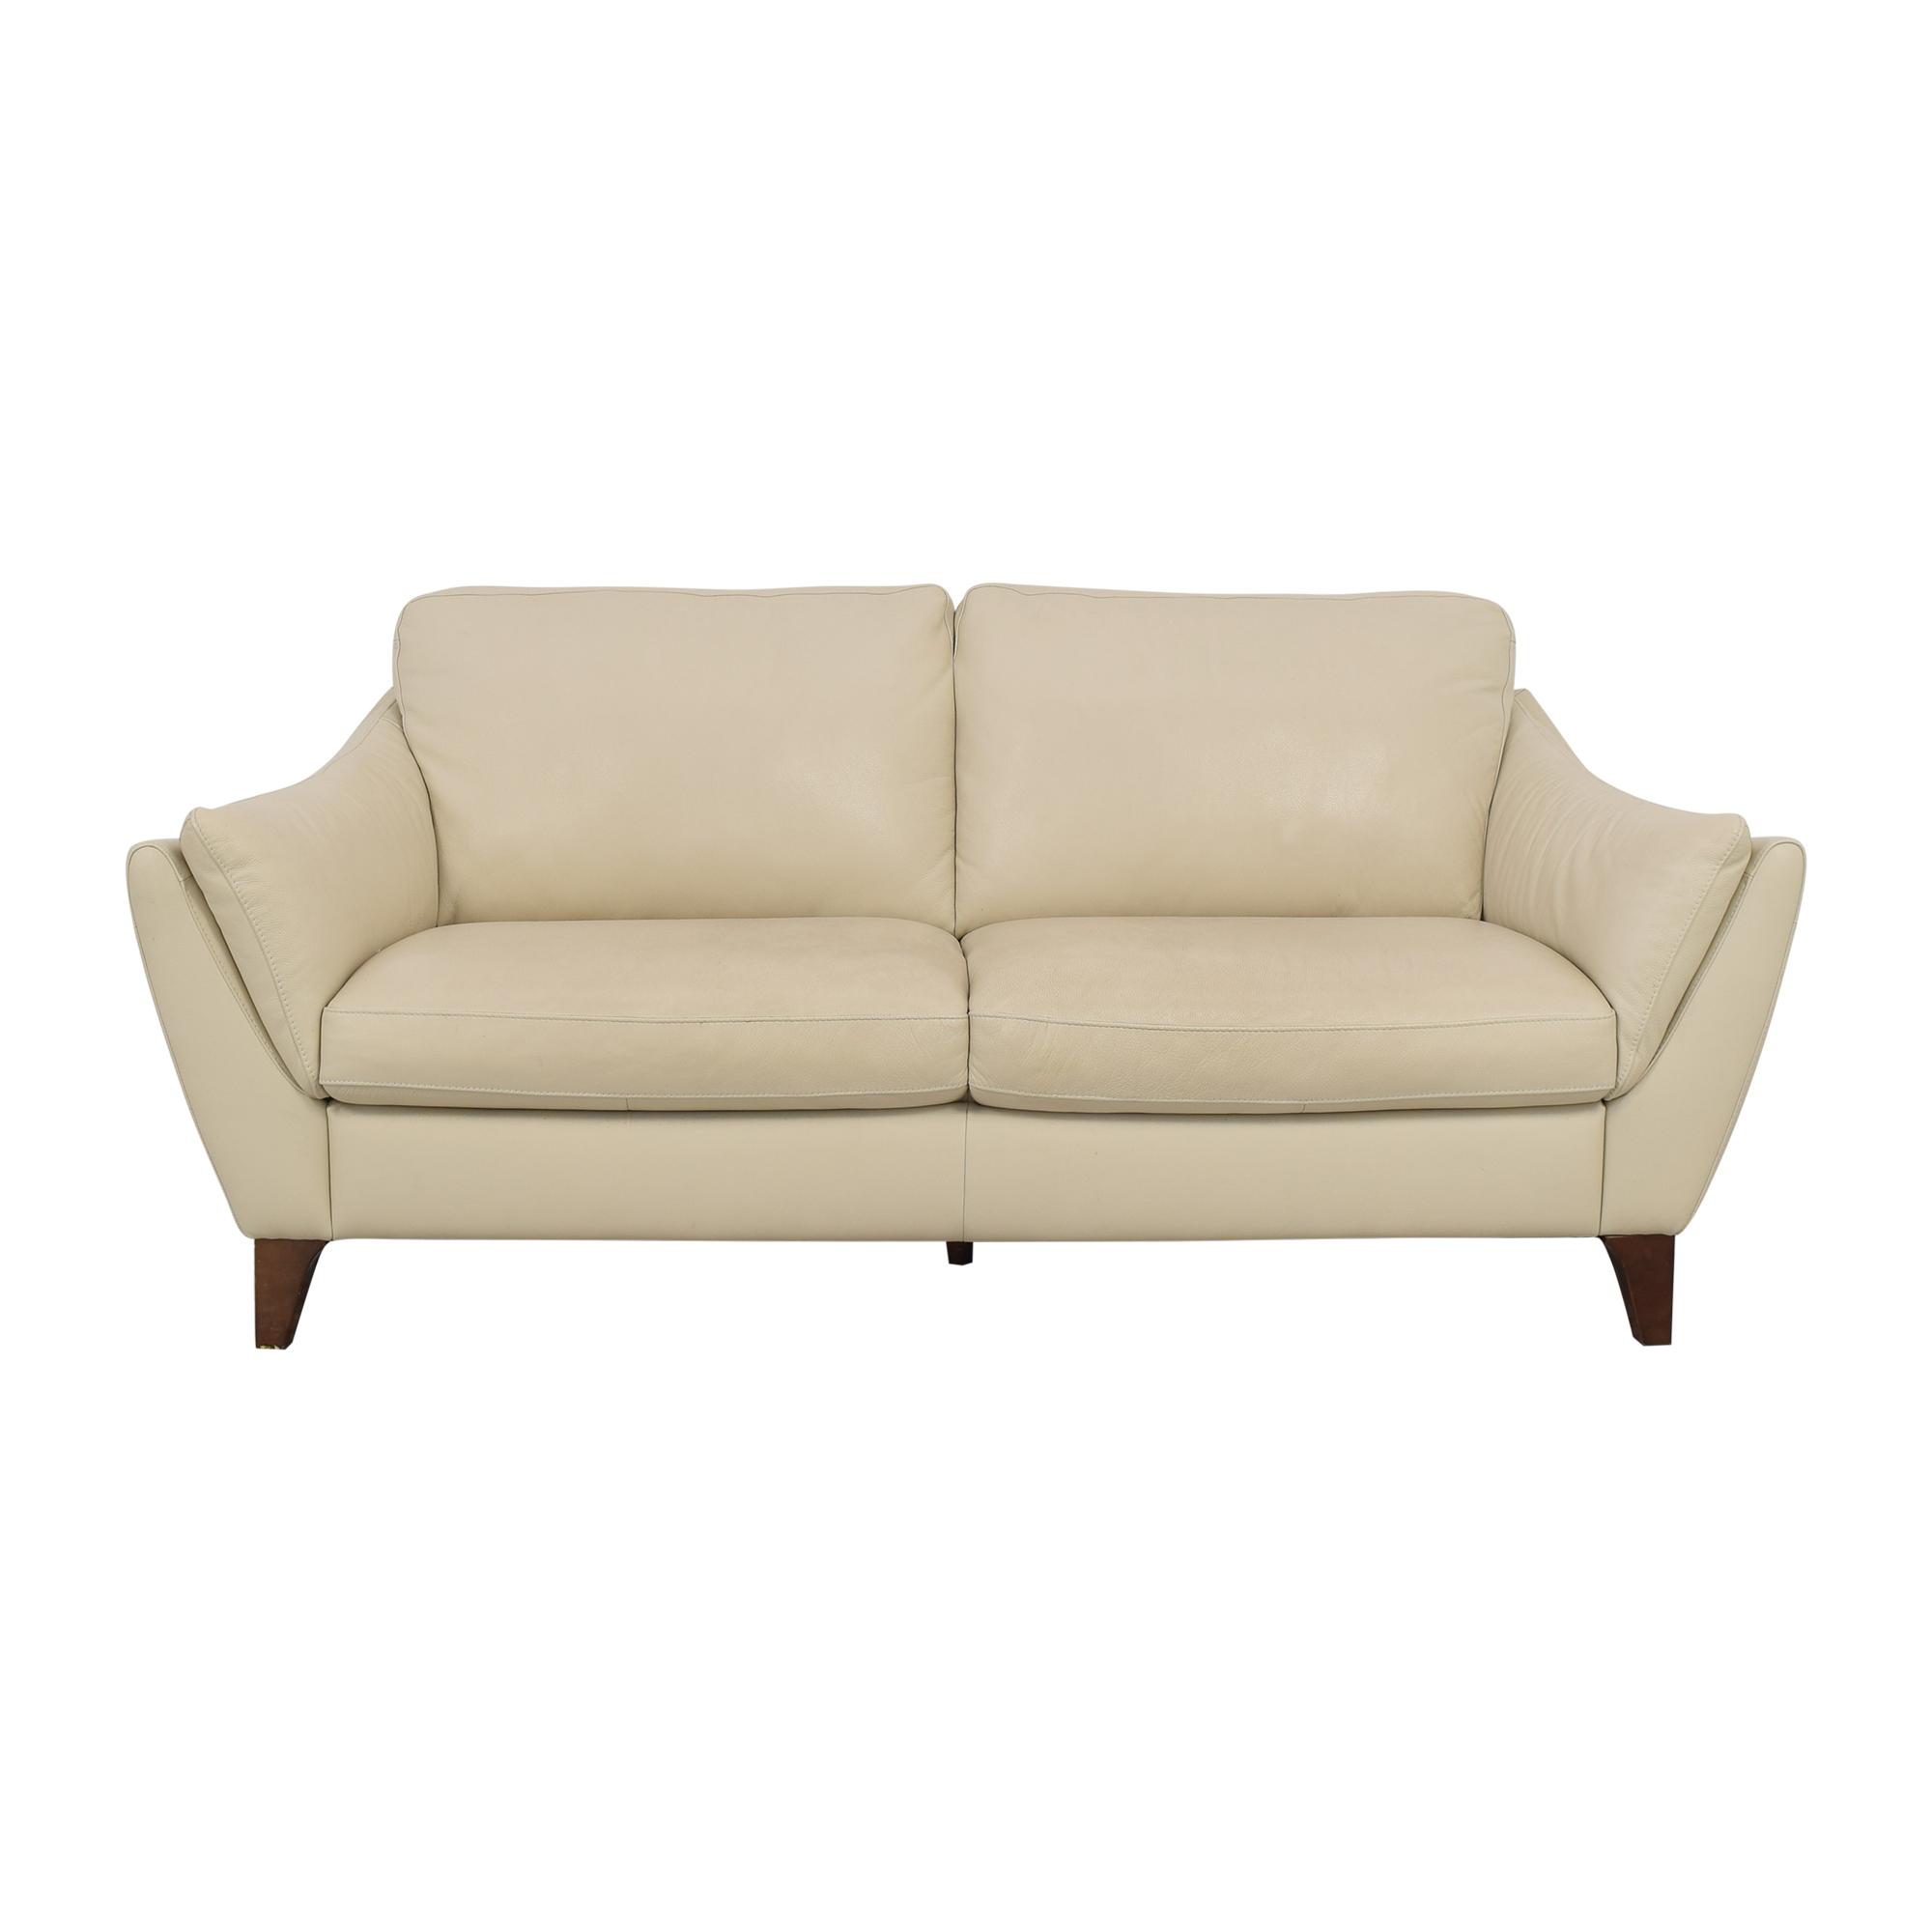 Italsofa Greccio Leather Sofa price